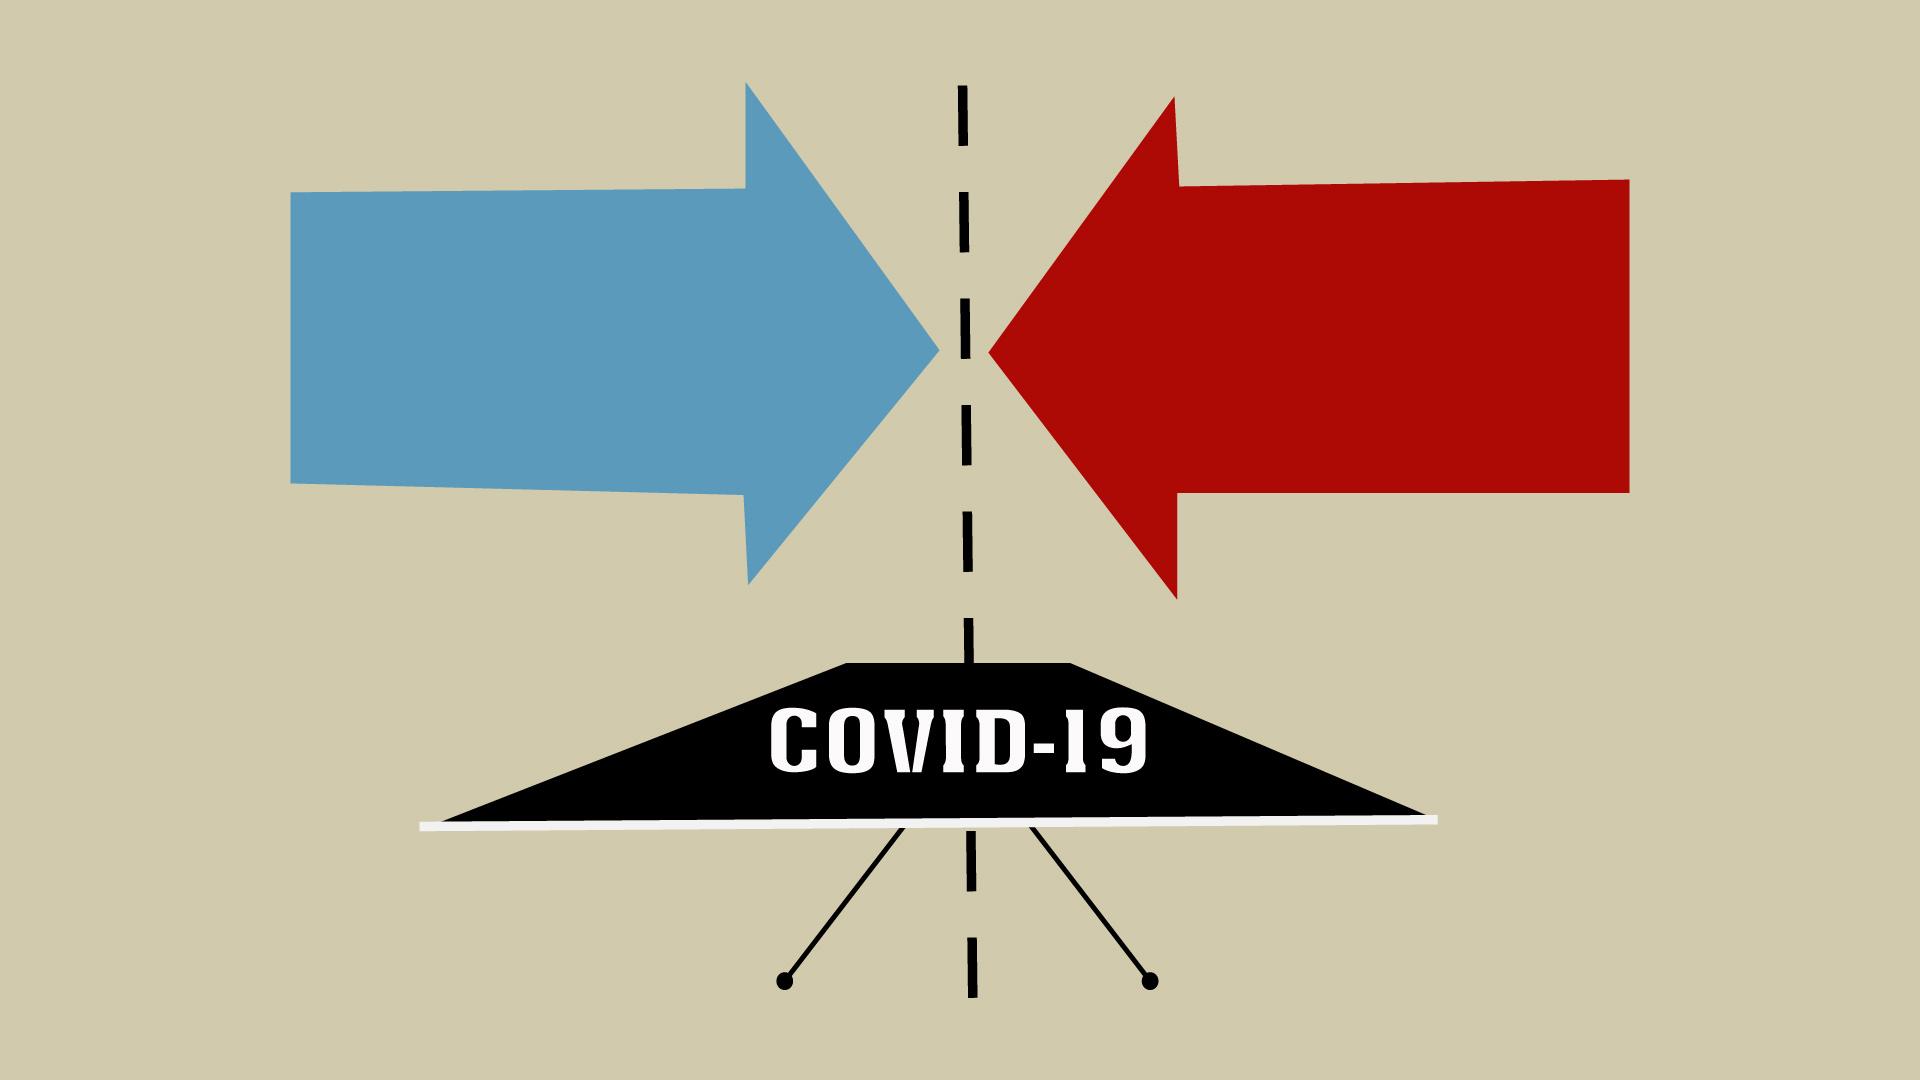 Conjurar la amenaza del coronavirus exige Gobierno de coalición, por Víctor Álvarez R.